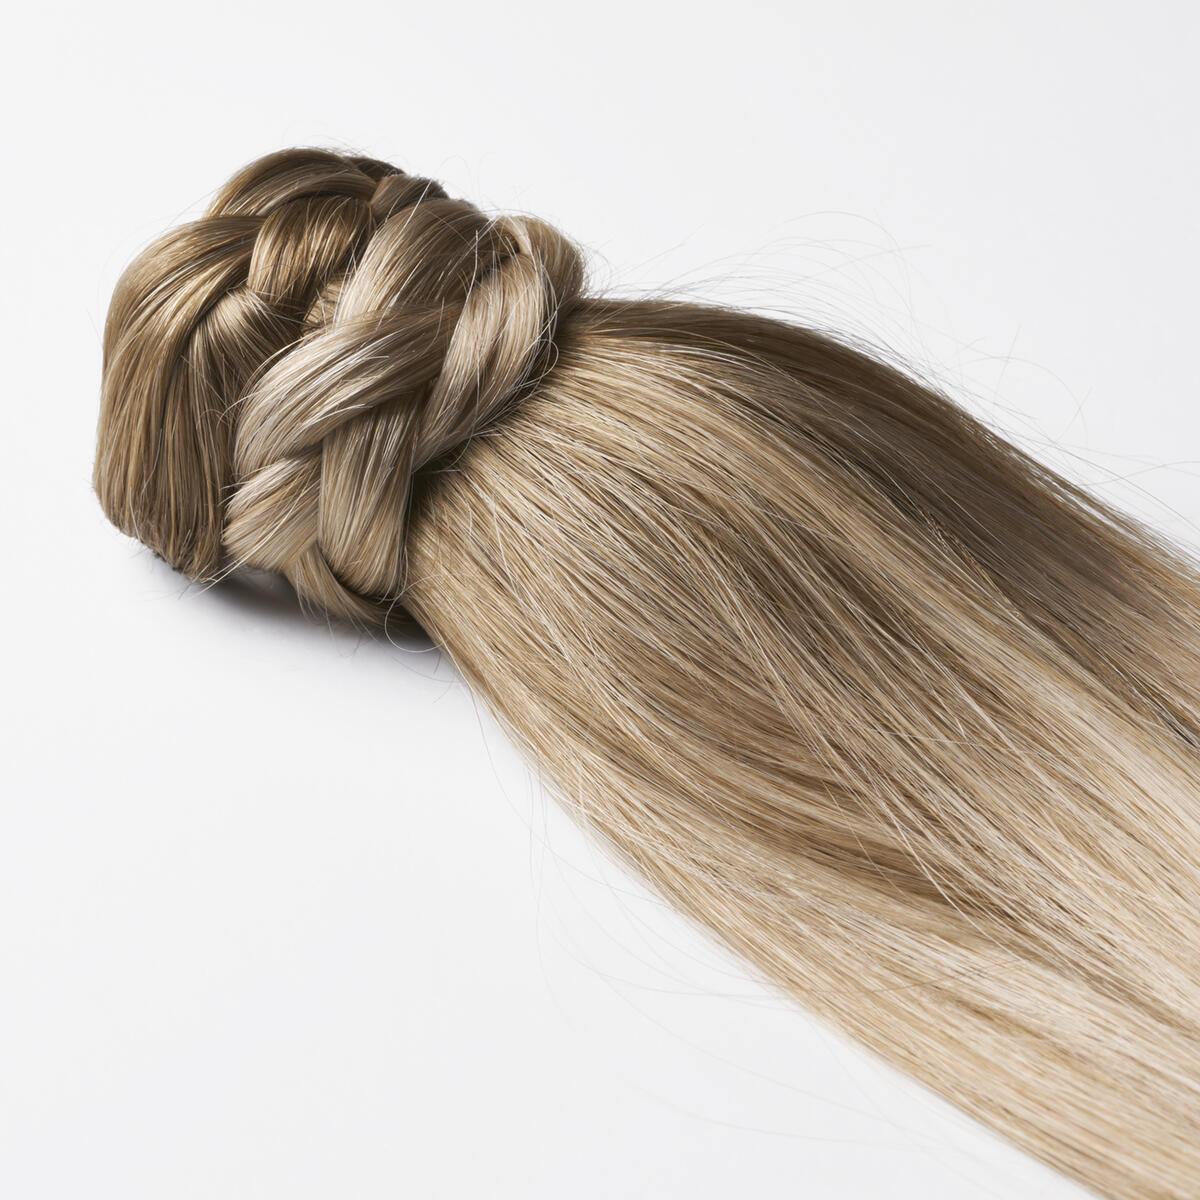 Clip-in Ponytail B5.1/7.3 Brown Ash Blonde Balayage 50 cm